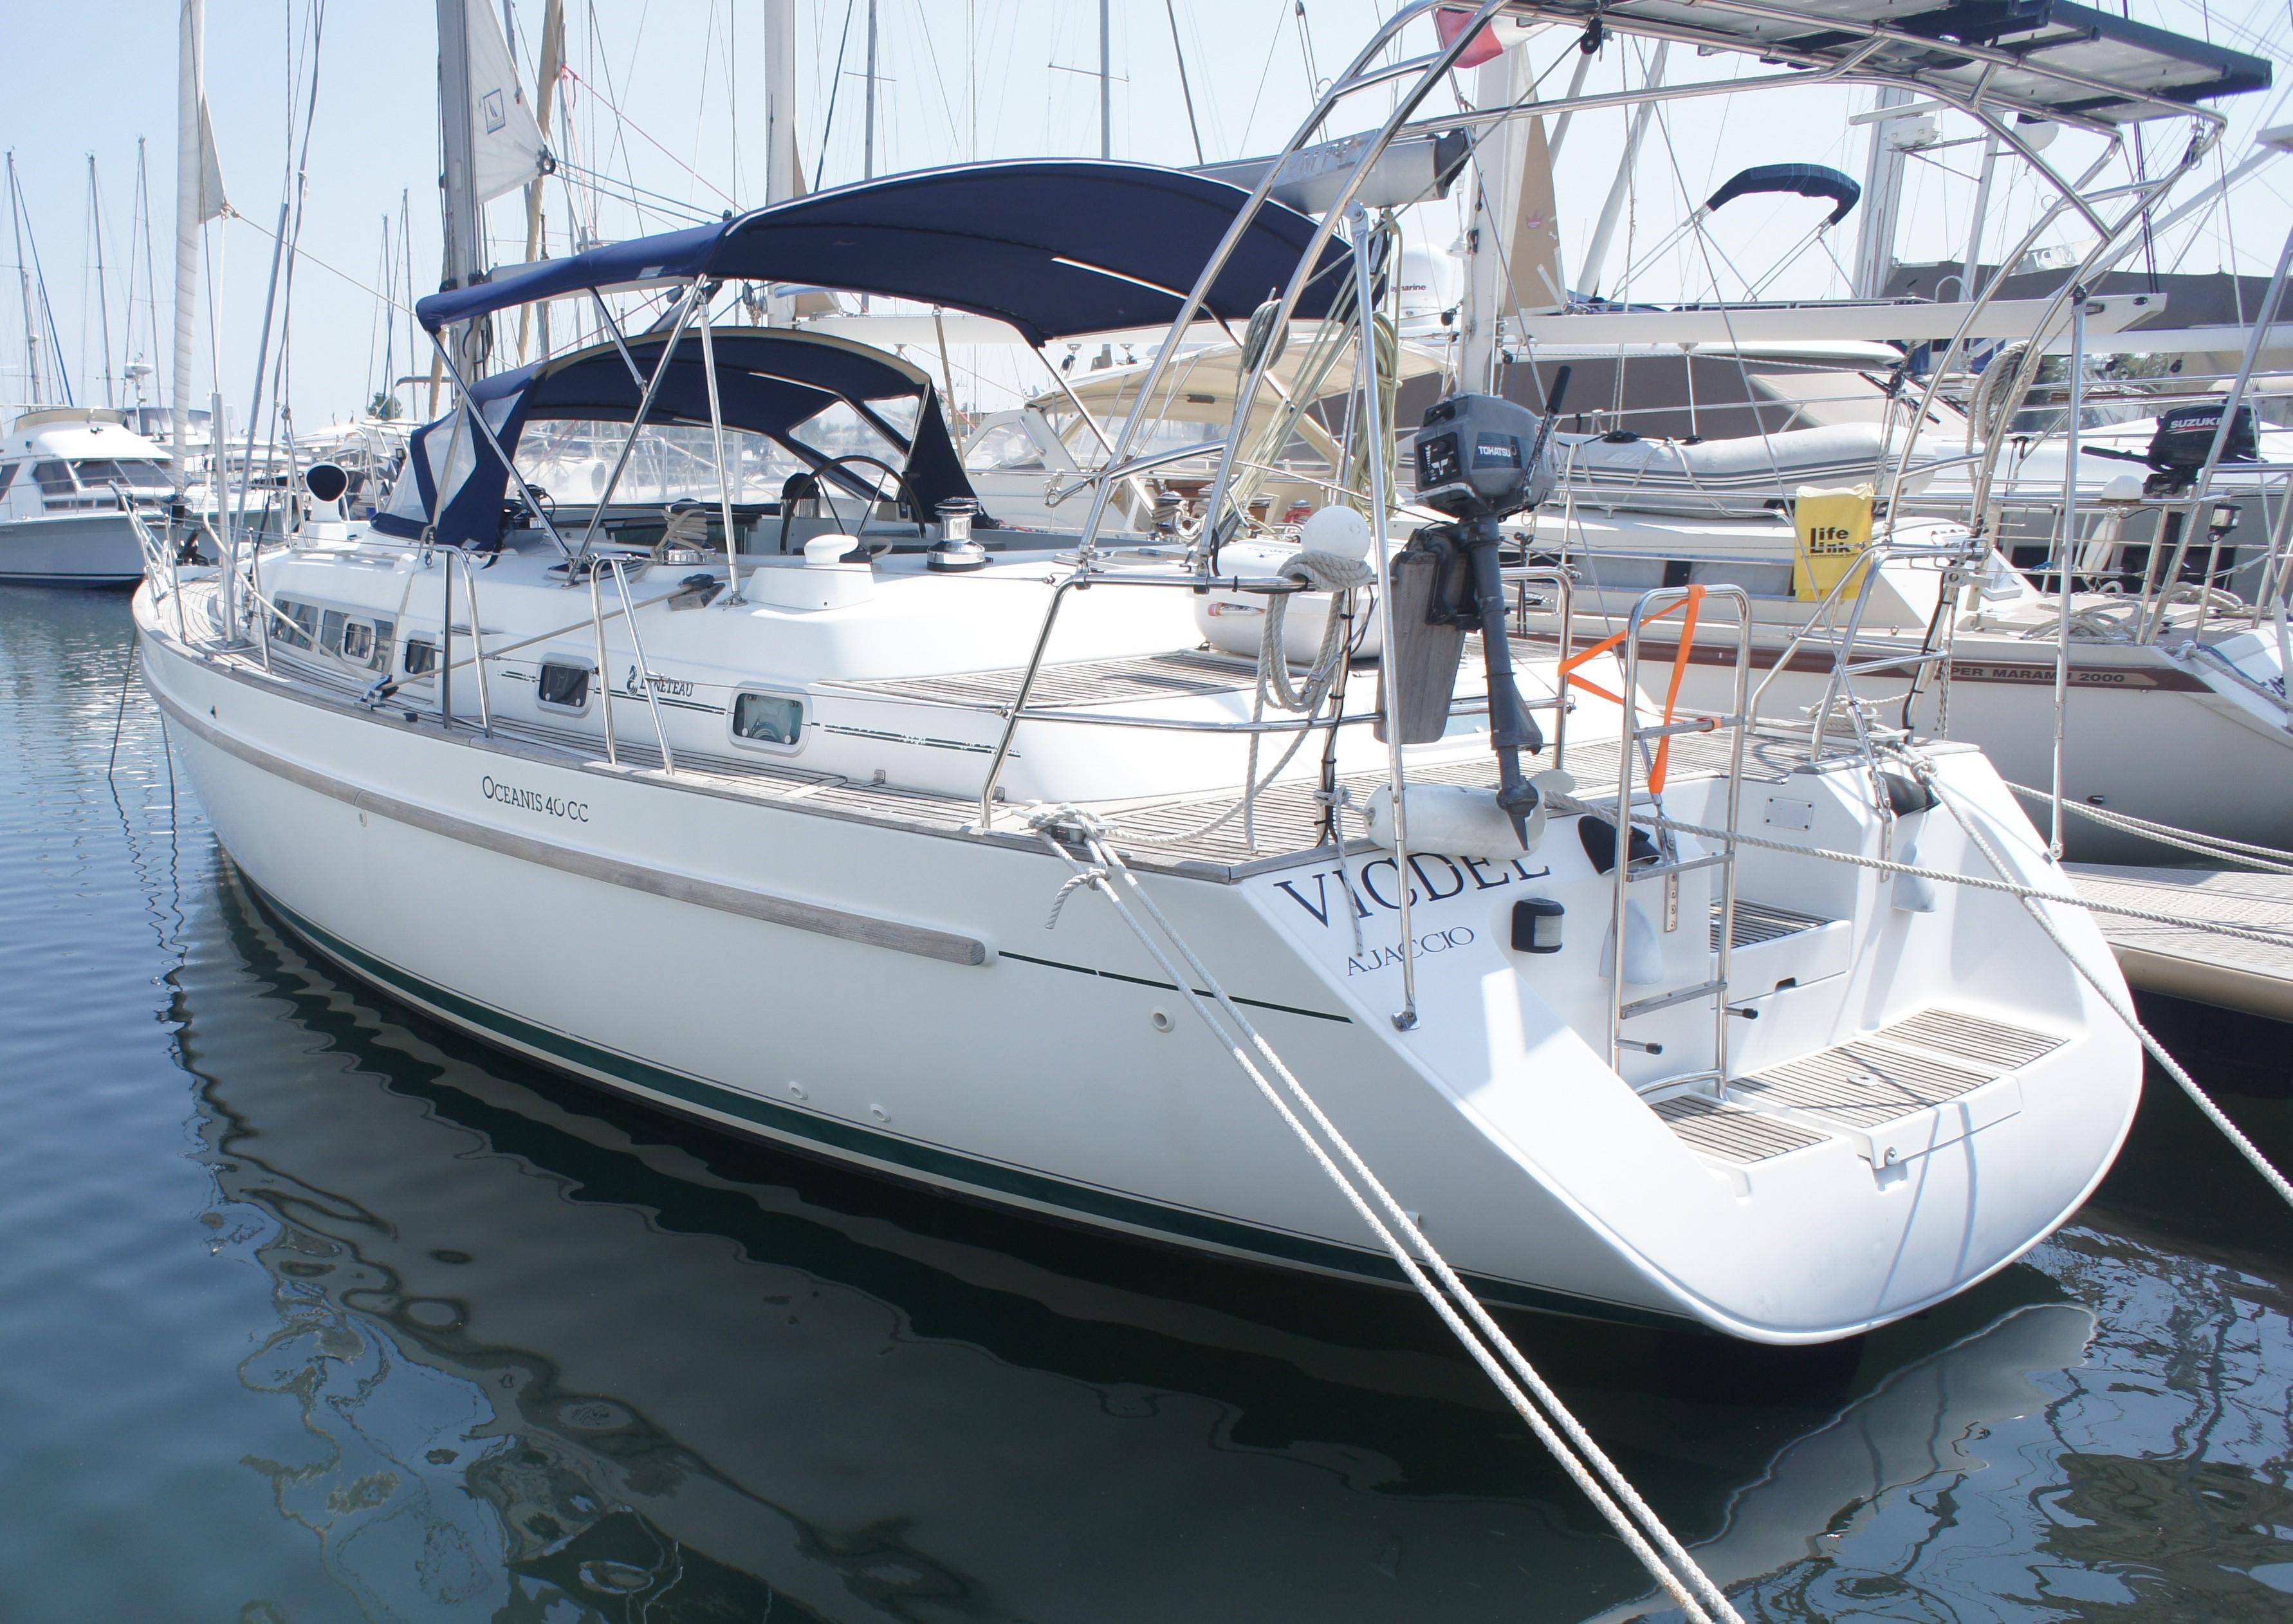 Beneteau Oceanis 40 CC Default